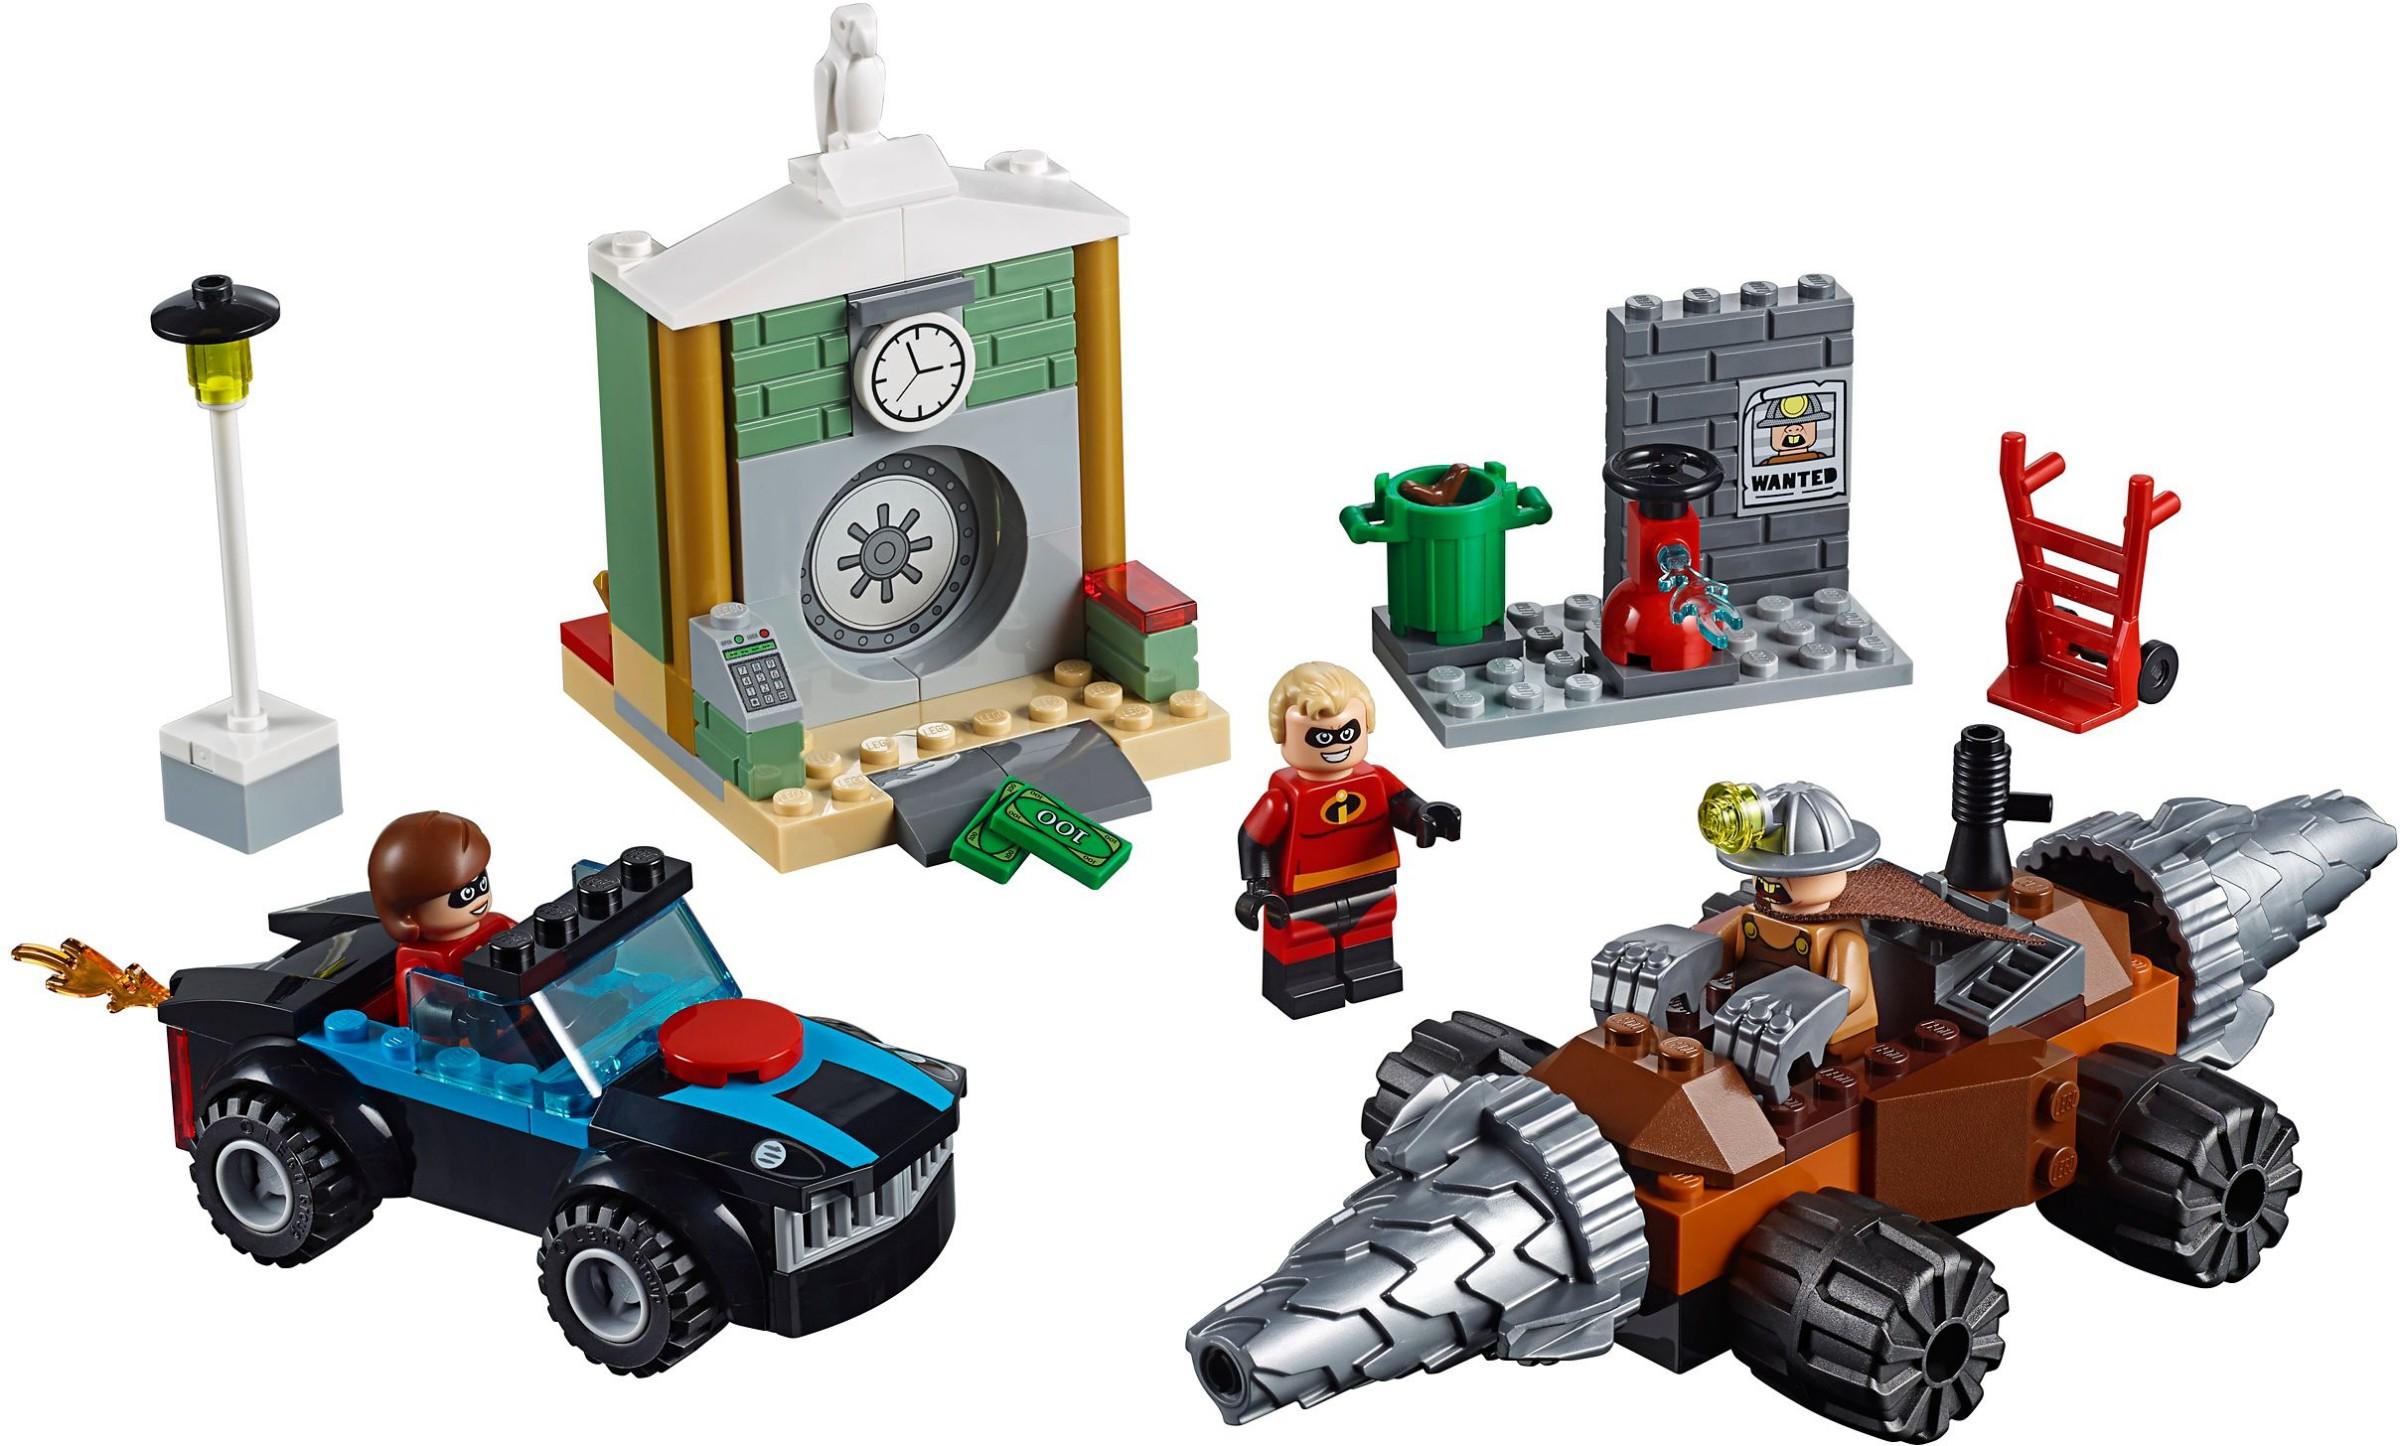 Lego batman 3 rise of brainiac dating 10